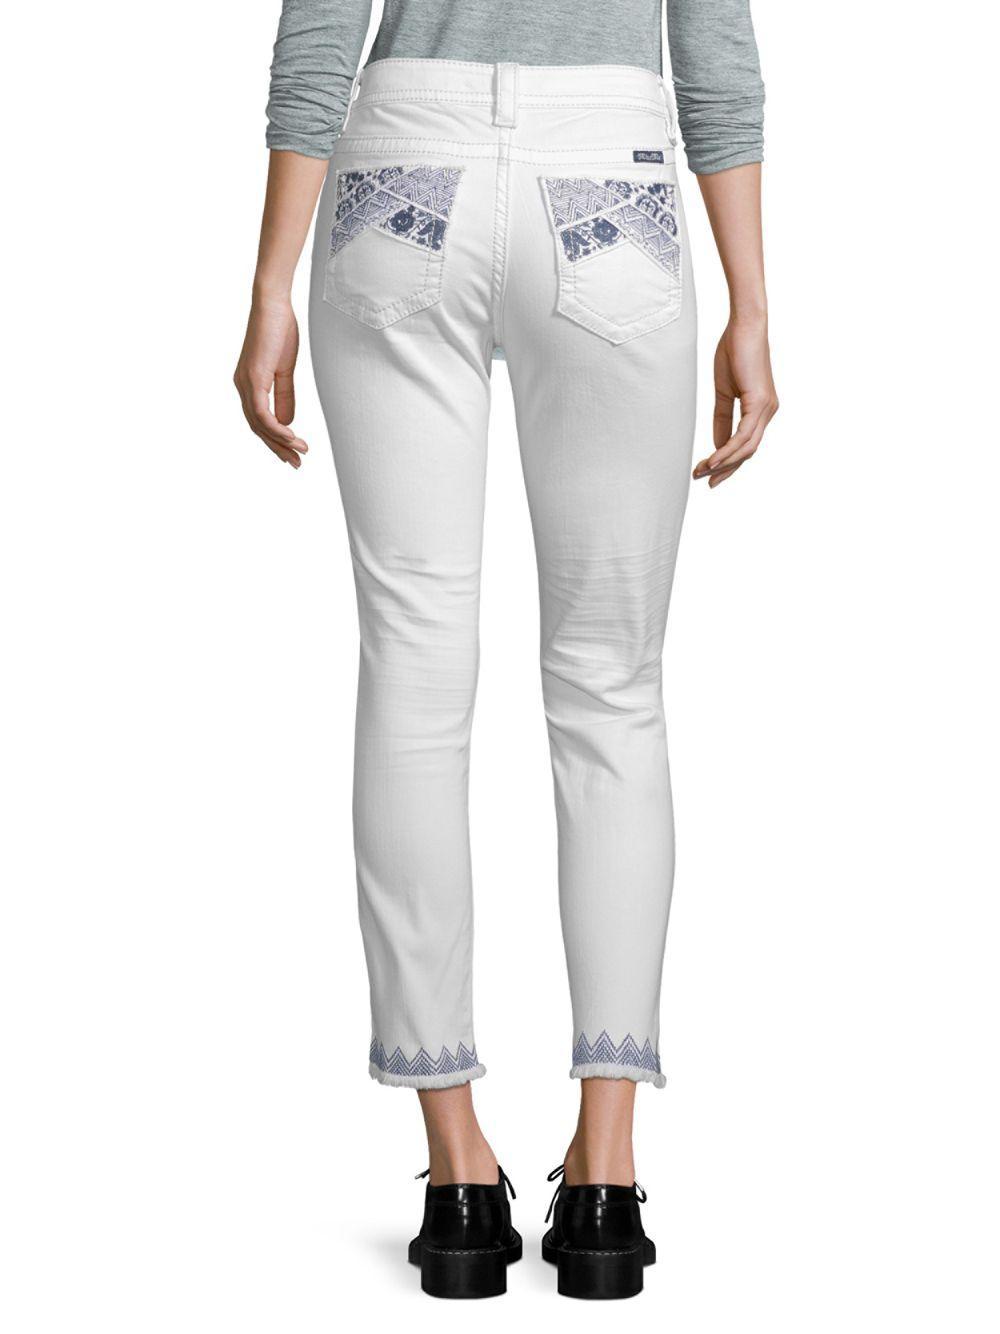 the harem pants trend   Olive & Ivy